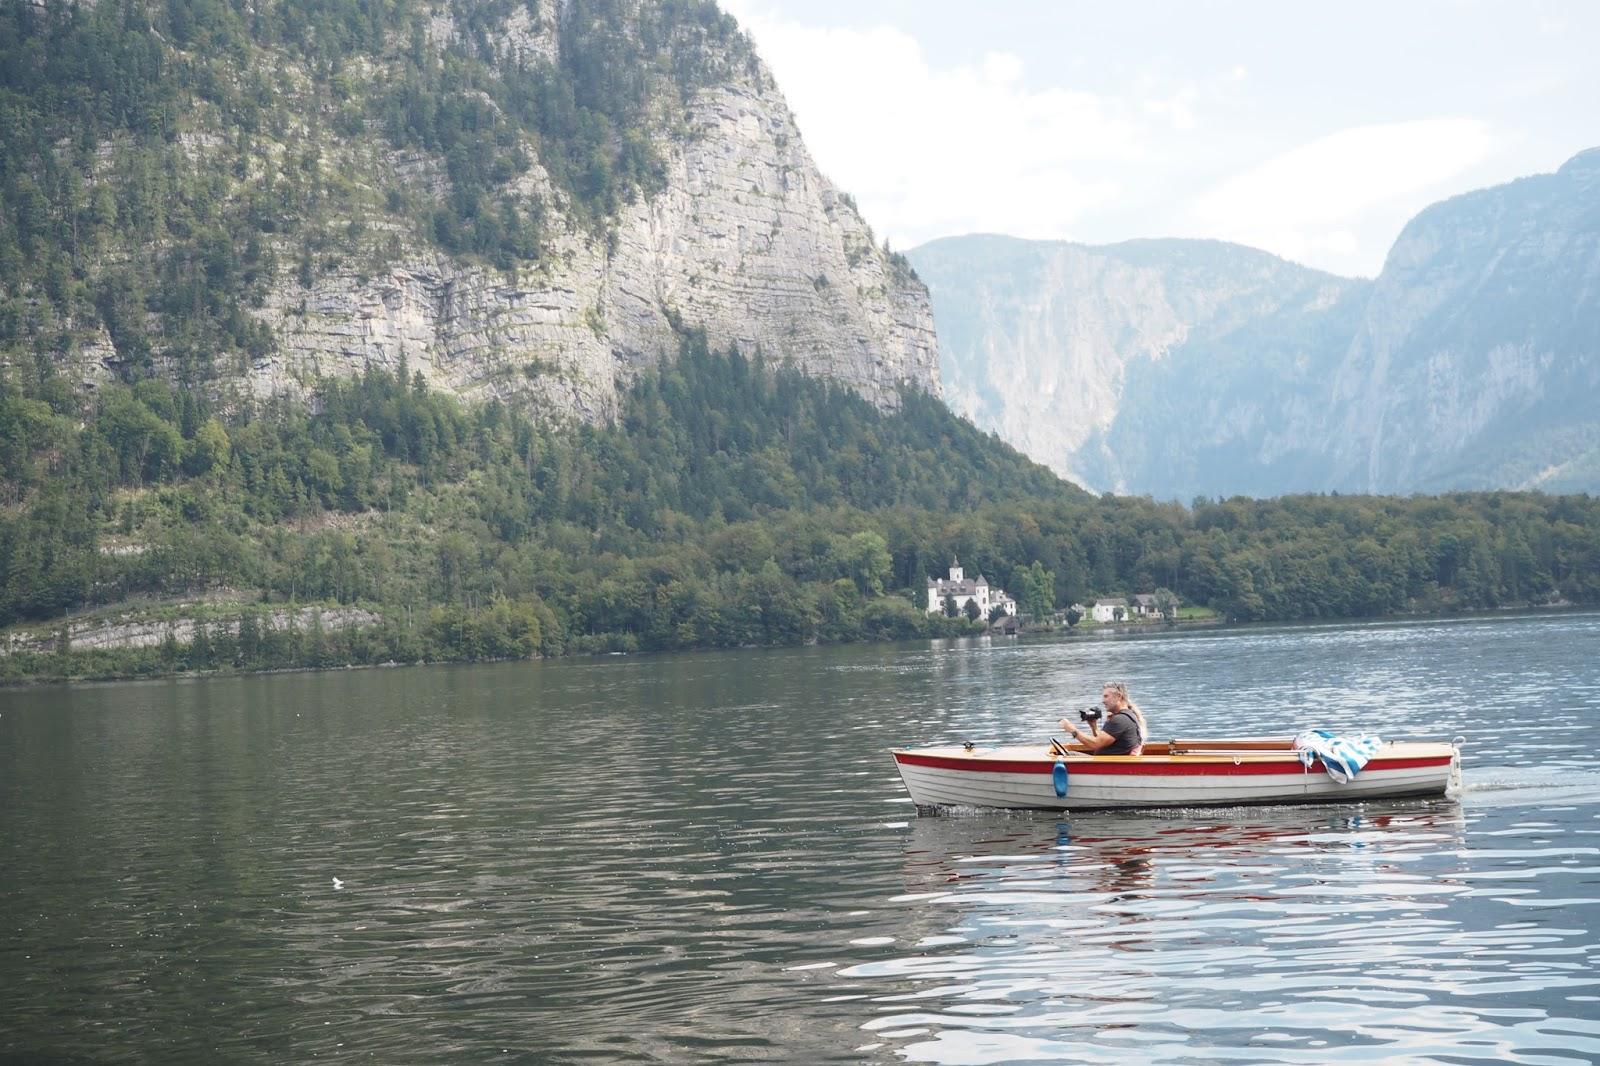 Taking a boat ride in Hallstatt